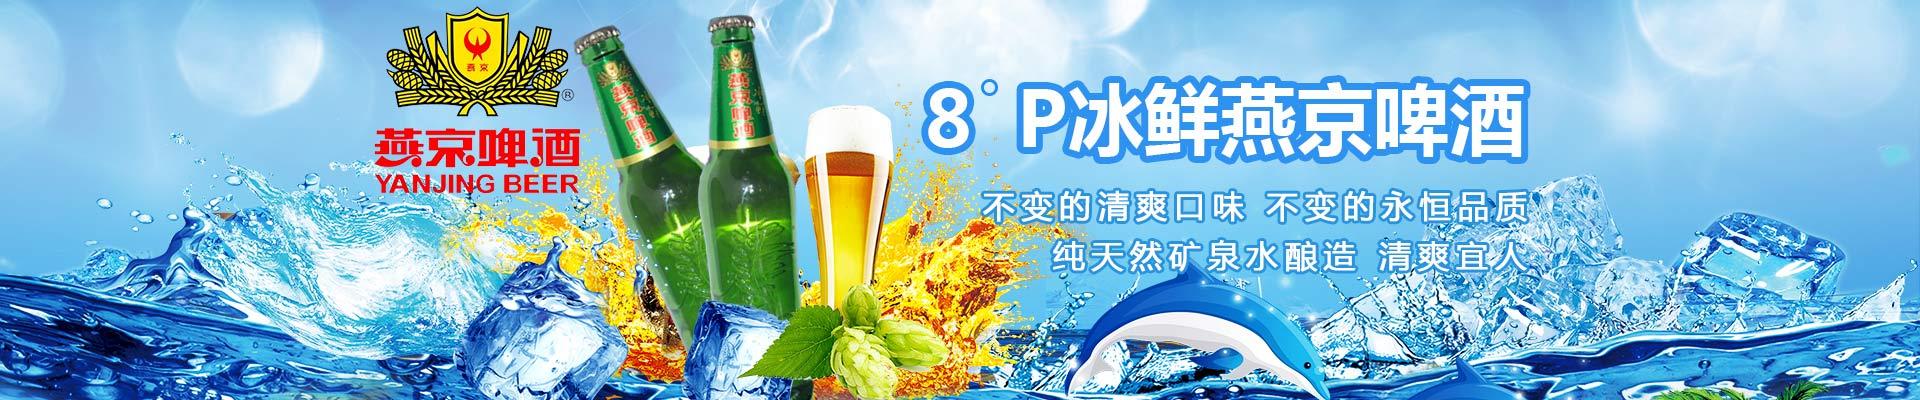 沈阳燕京啤酒有限公司